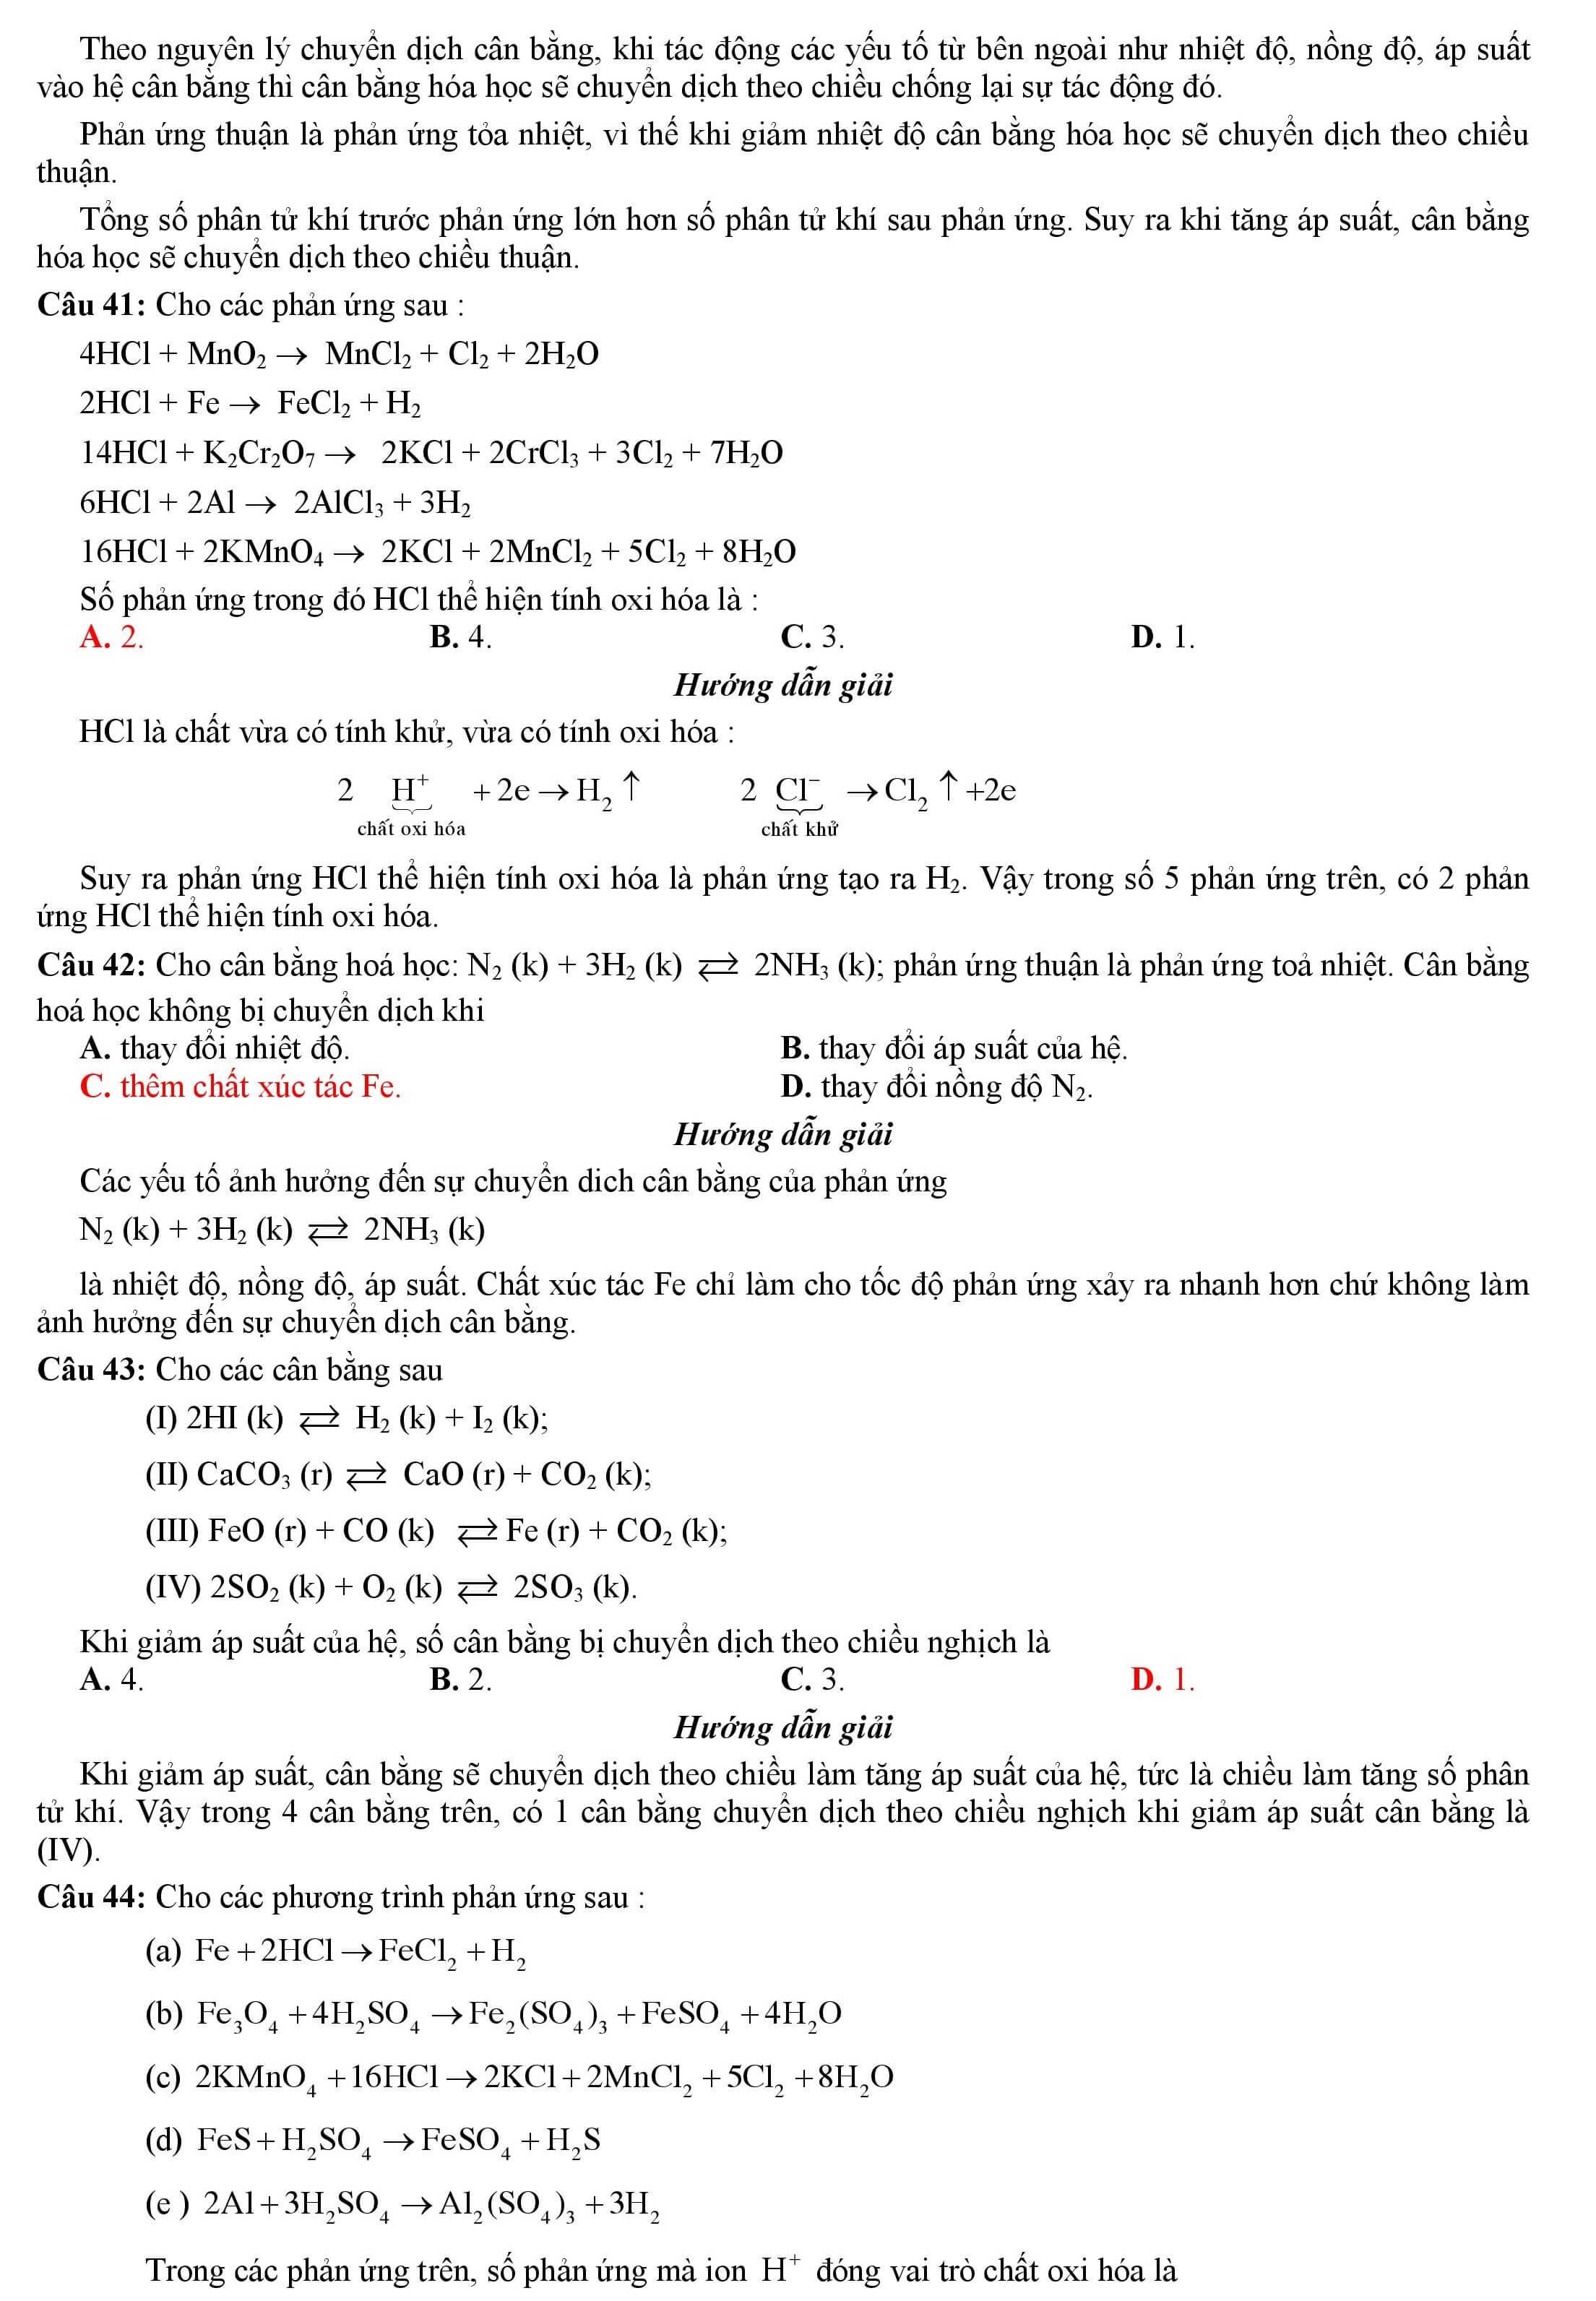 Tốc độ phản ứng và cân bằng hóa học (11).jpg